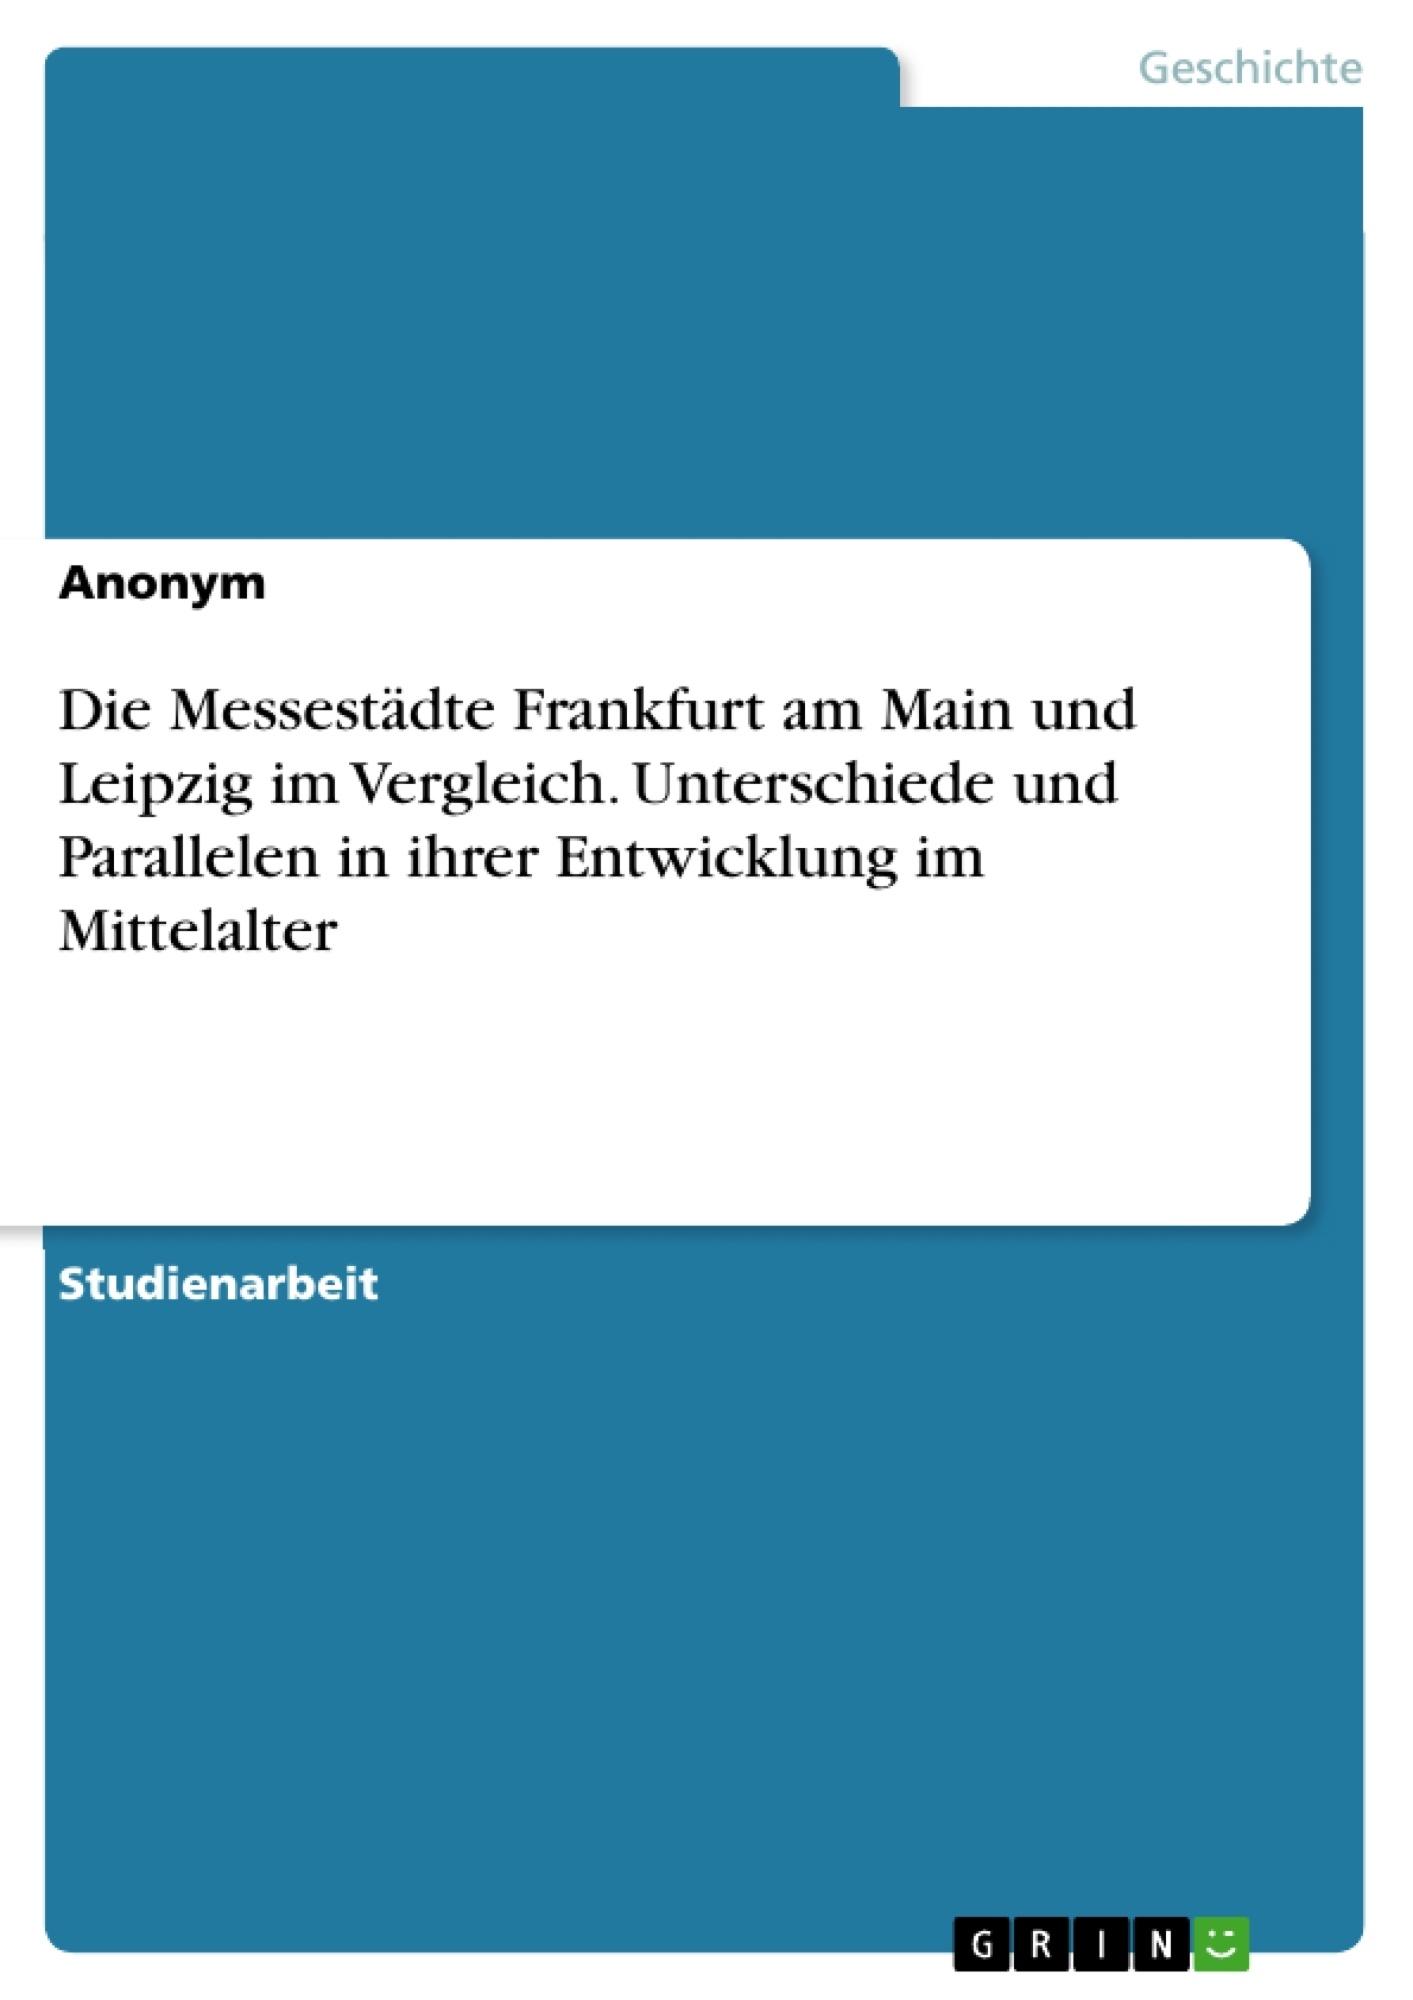 Titel: Die Messestädte Frankfurt am Main und Leipzig im Vergleich. Unterschiede und Parallelen in ihrer Entwicklung im Mittelalter